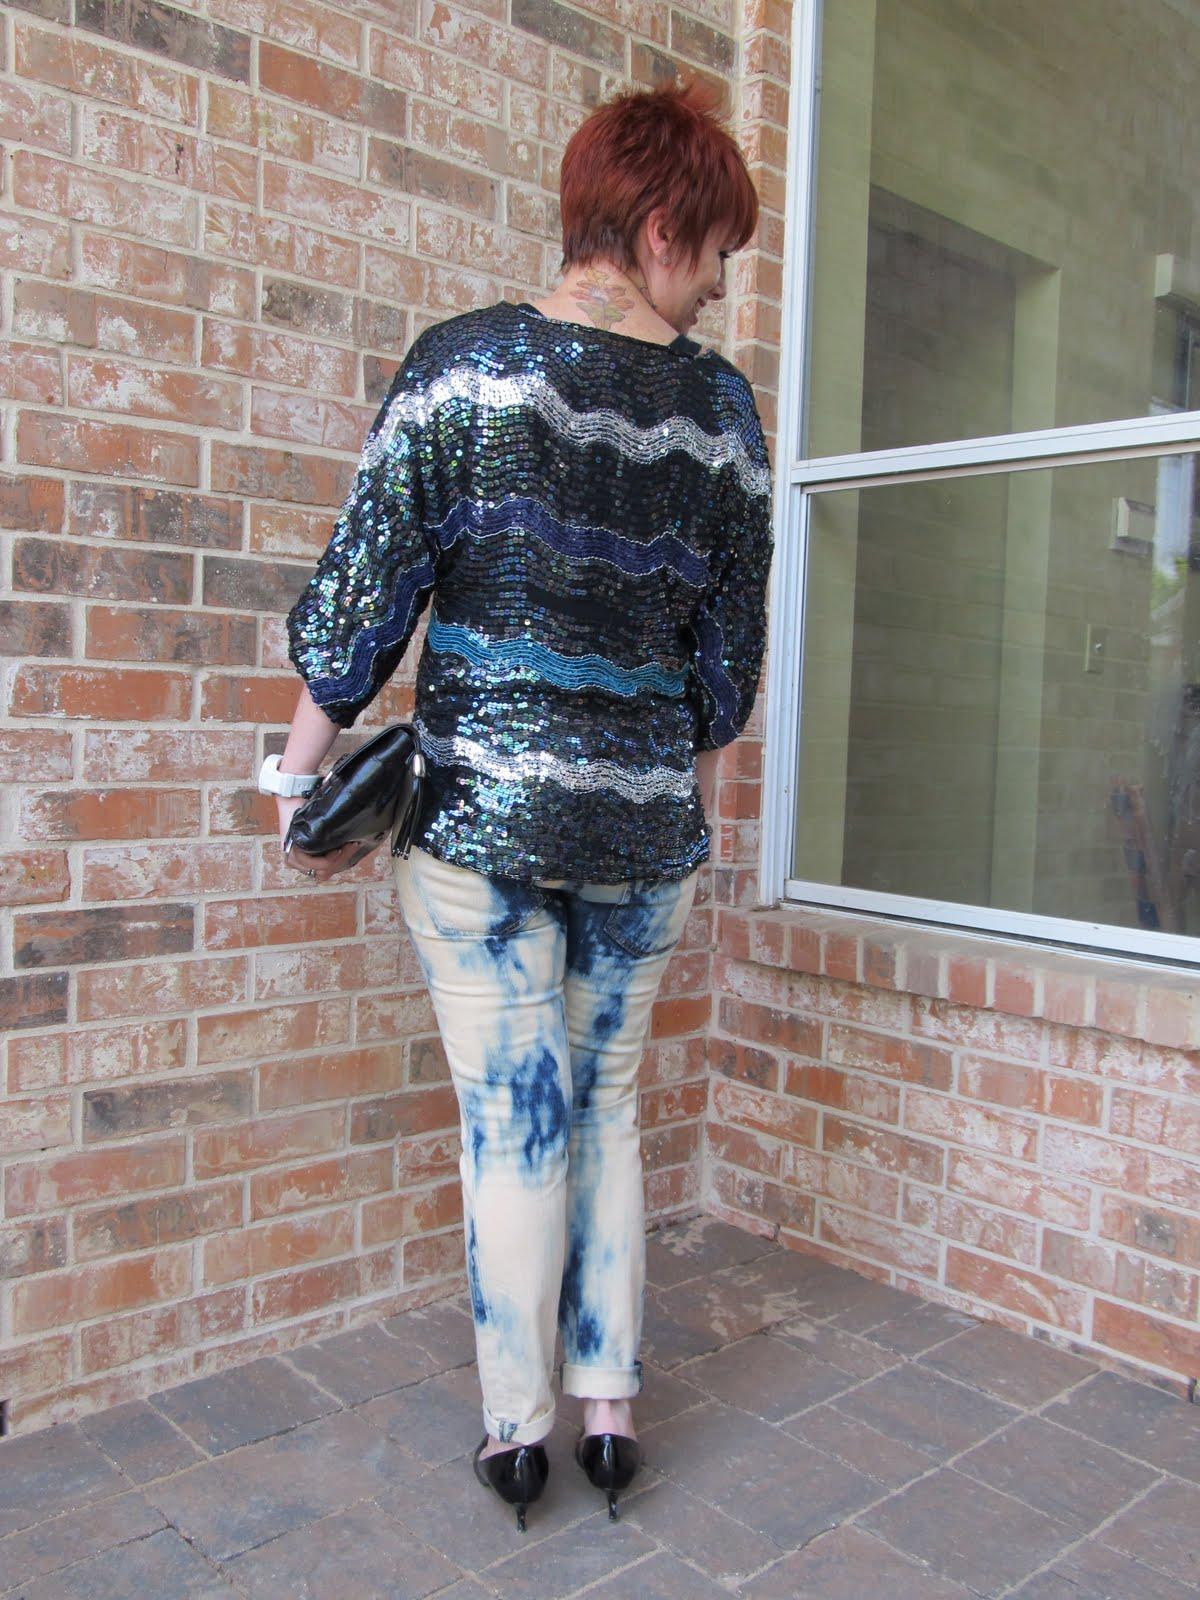 http://4.bp.blogspot.com/-T0kFyrUbZZM/Taw4EyGsUpI/AAAAAAAAAfo/DxyTehGGVX8/s1600/Picture+058.jpg